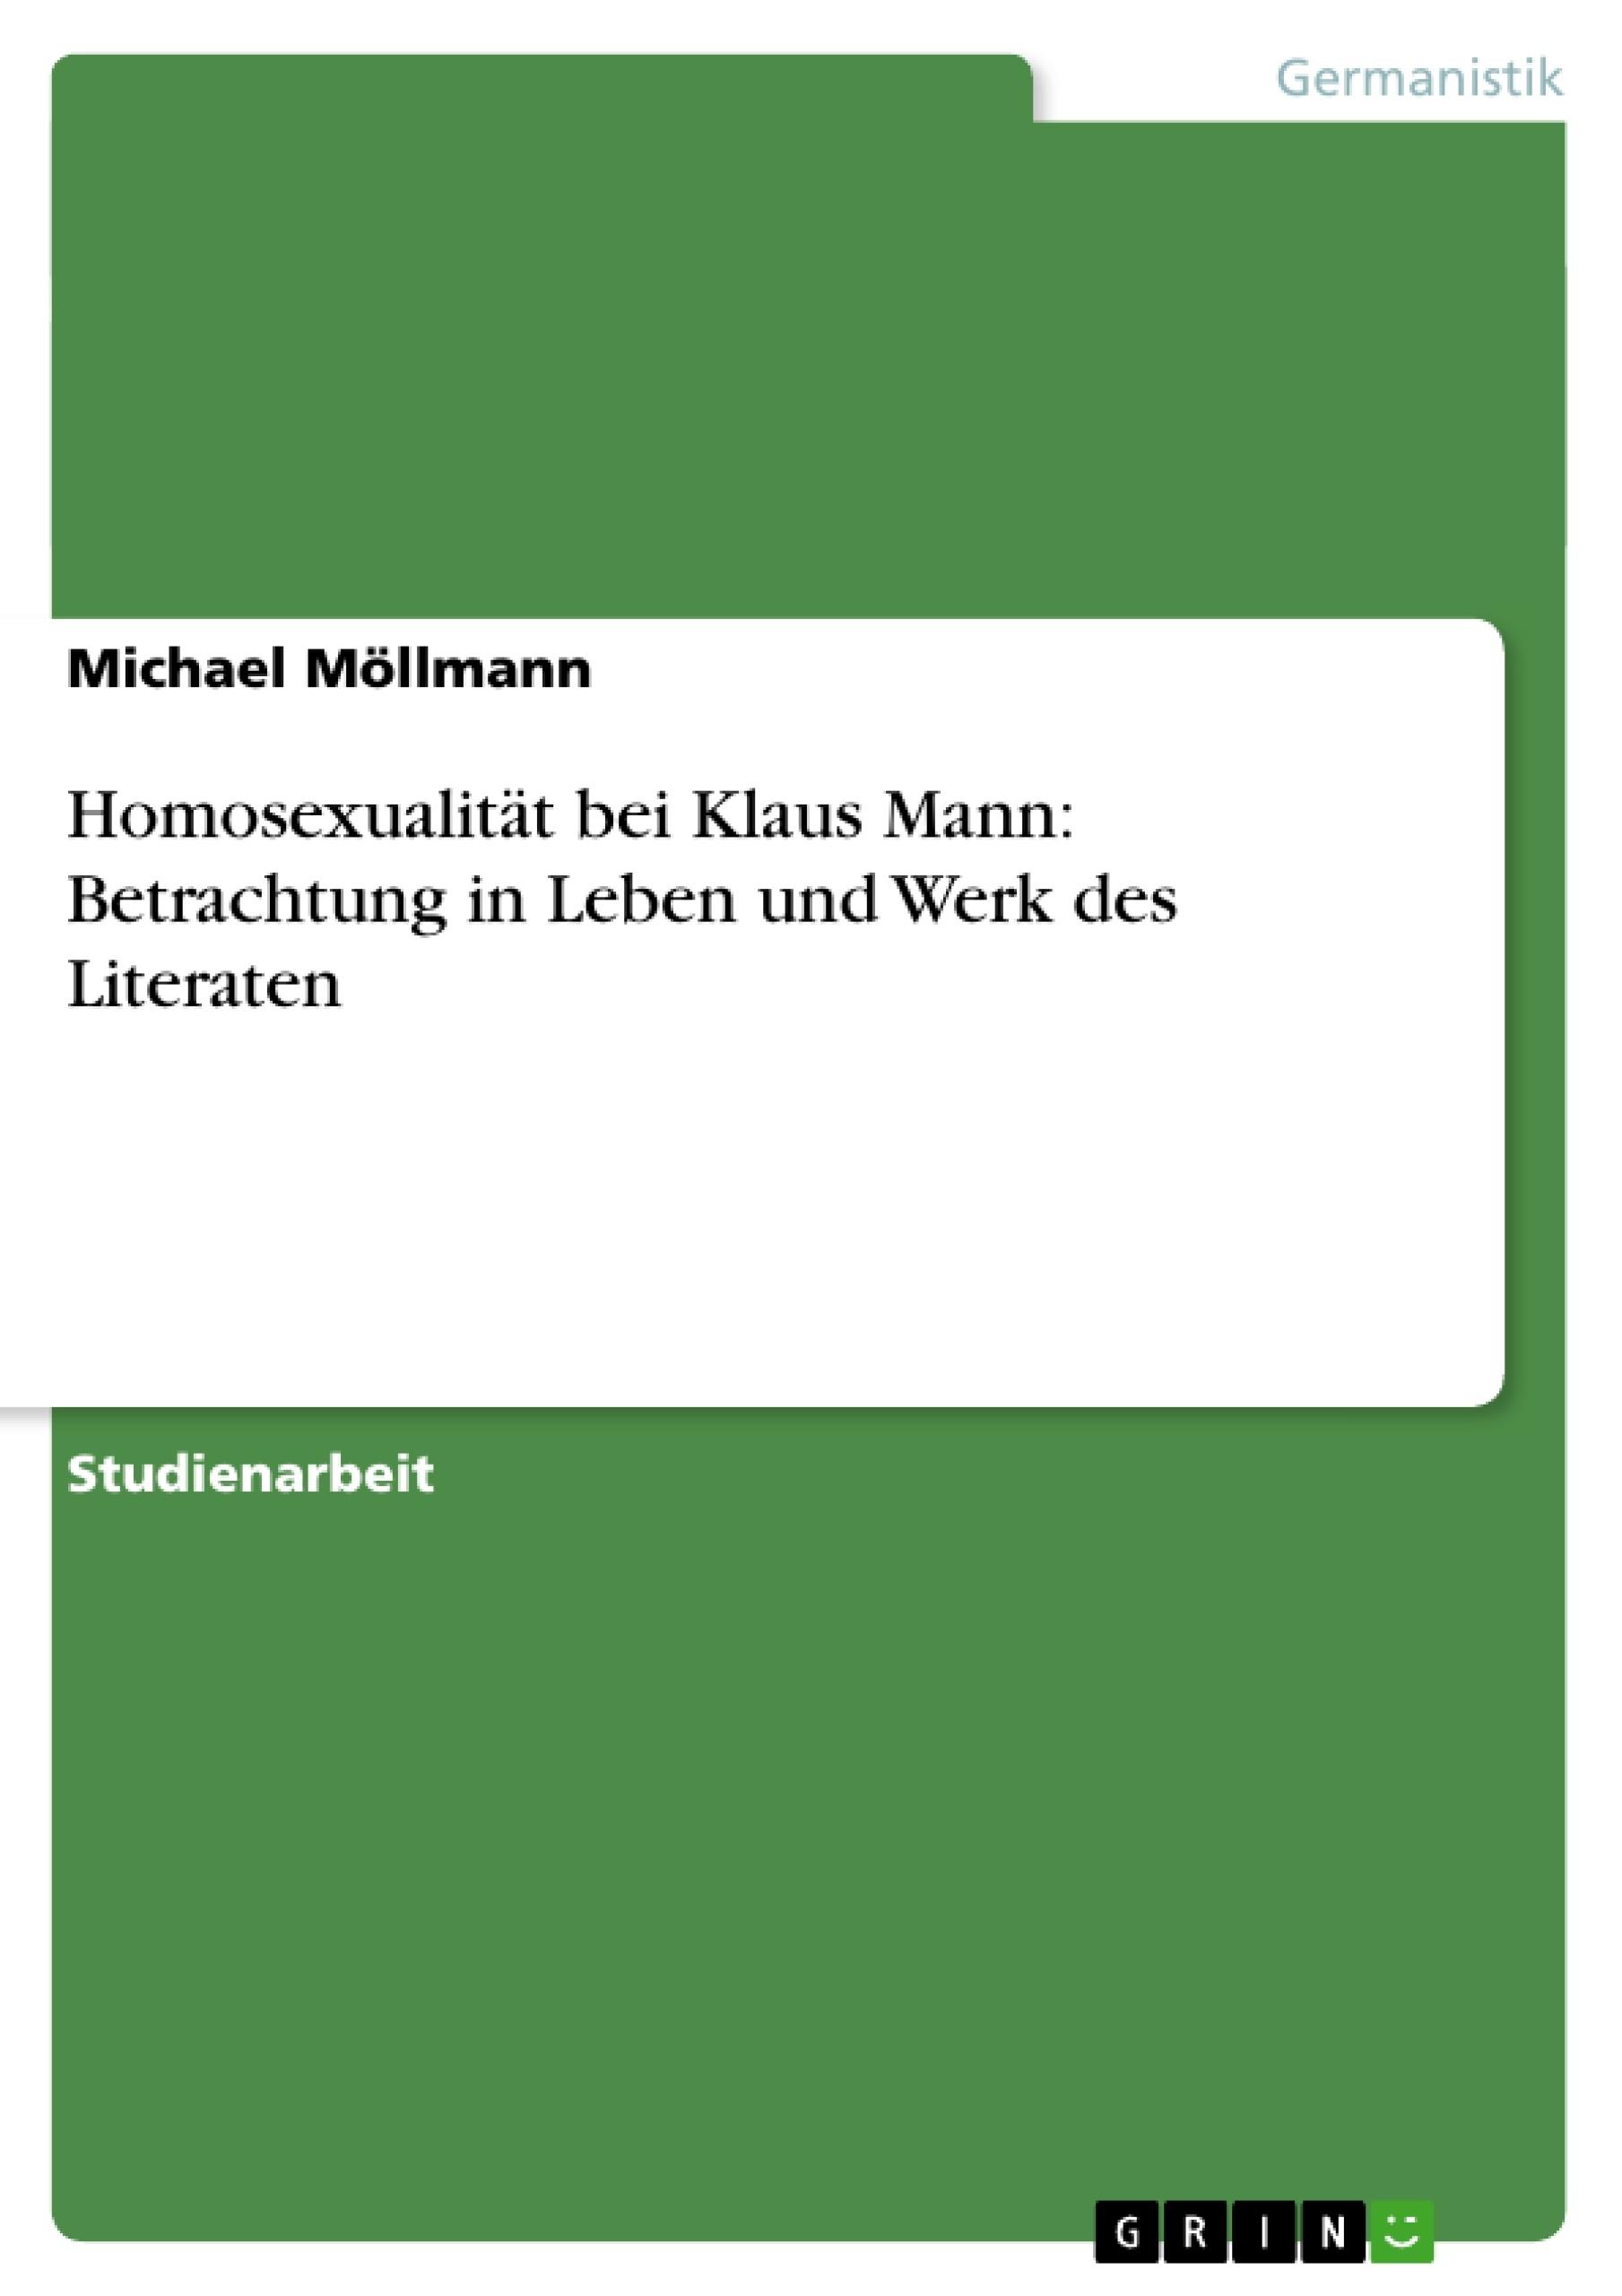 Titel: Homosexualität bei Klaus Mann: Betrachtung in Leben und Werk des Literaten